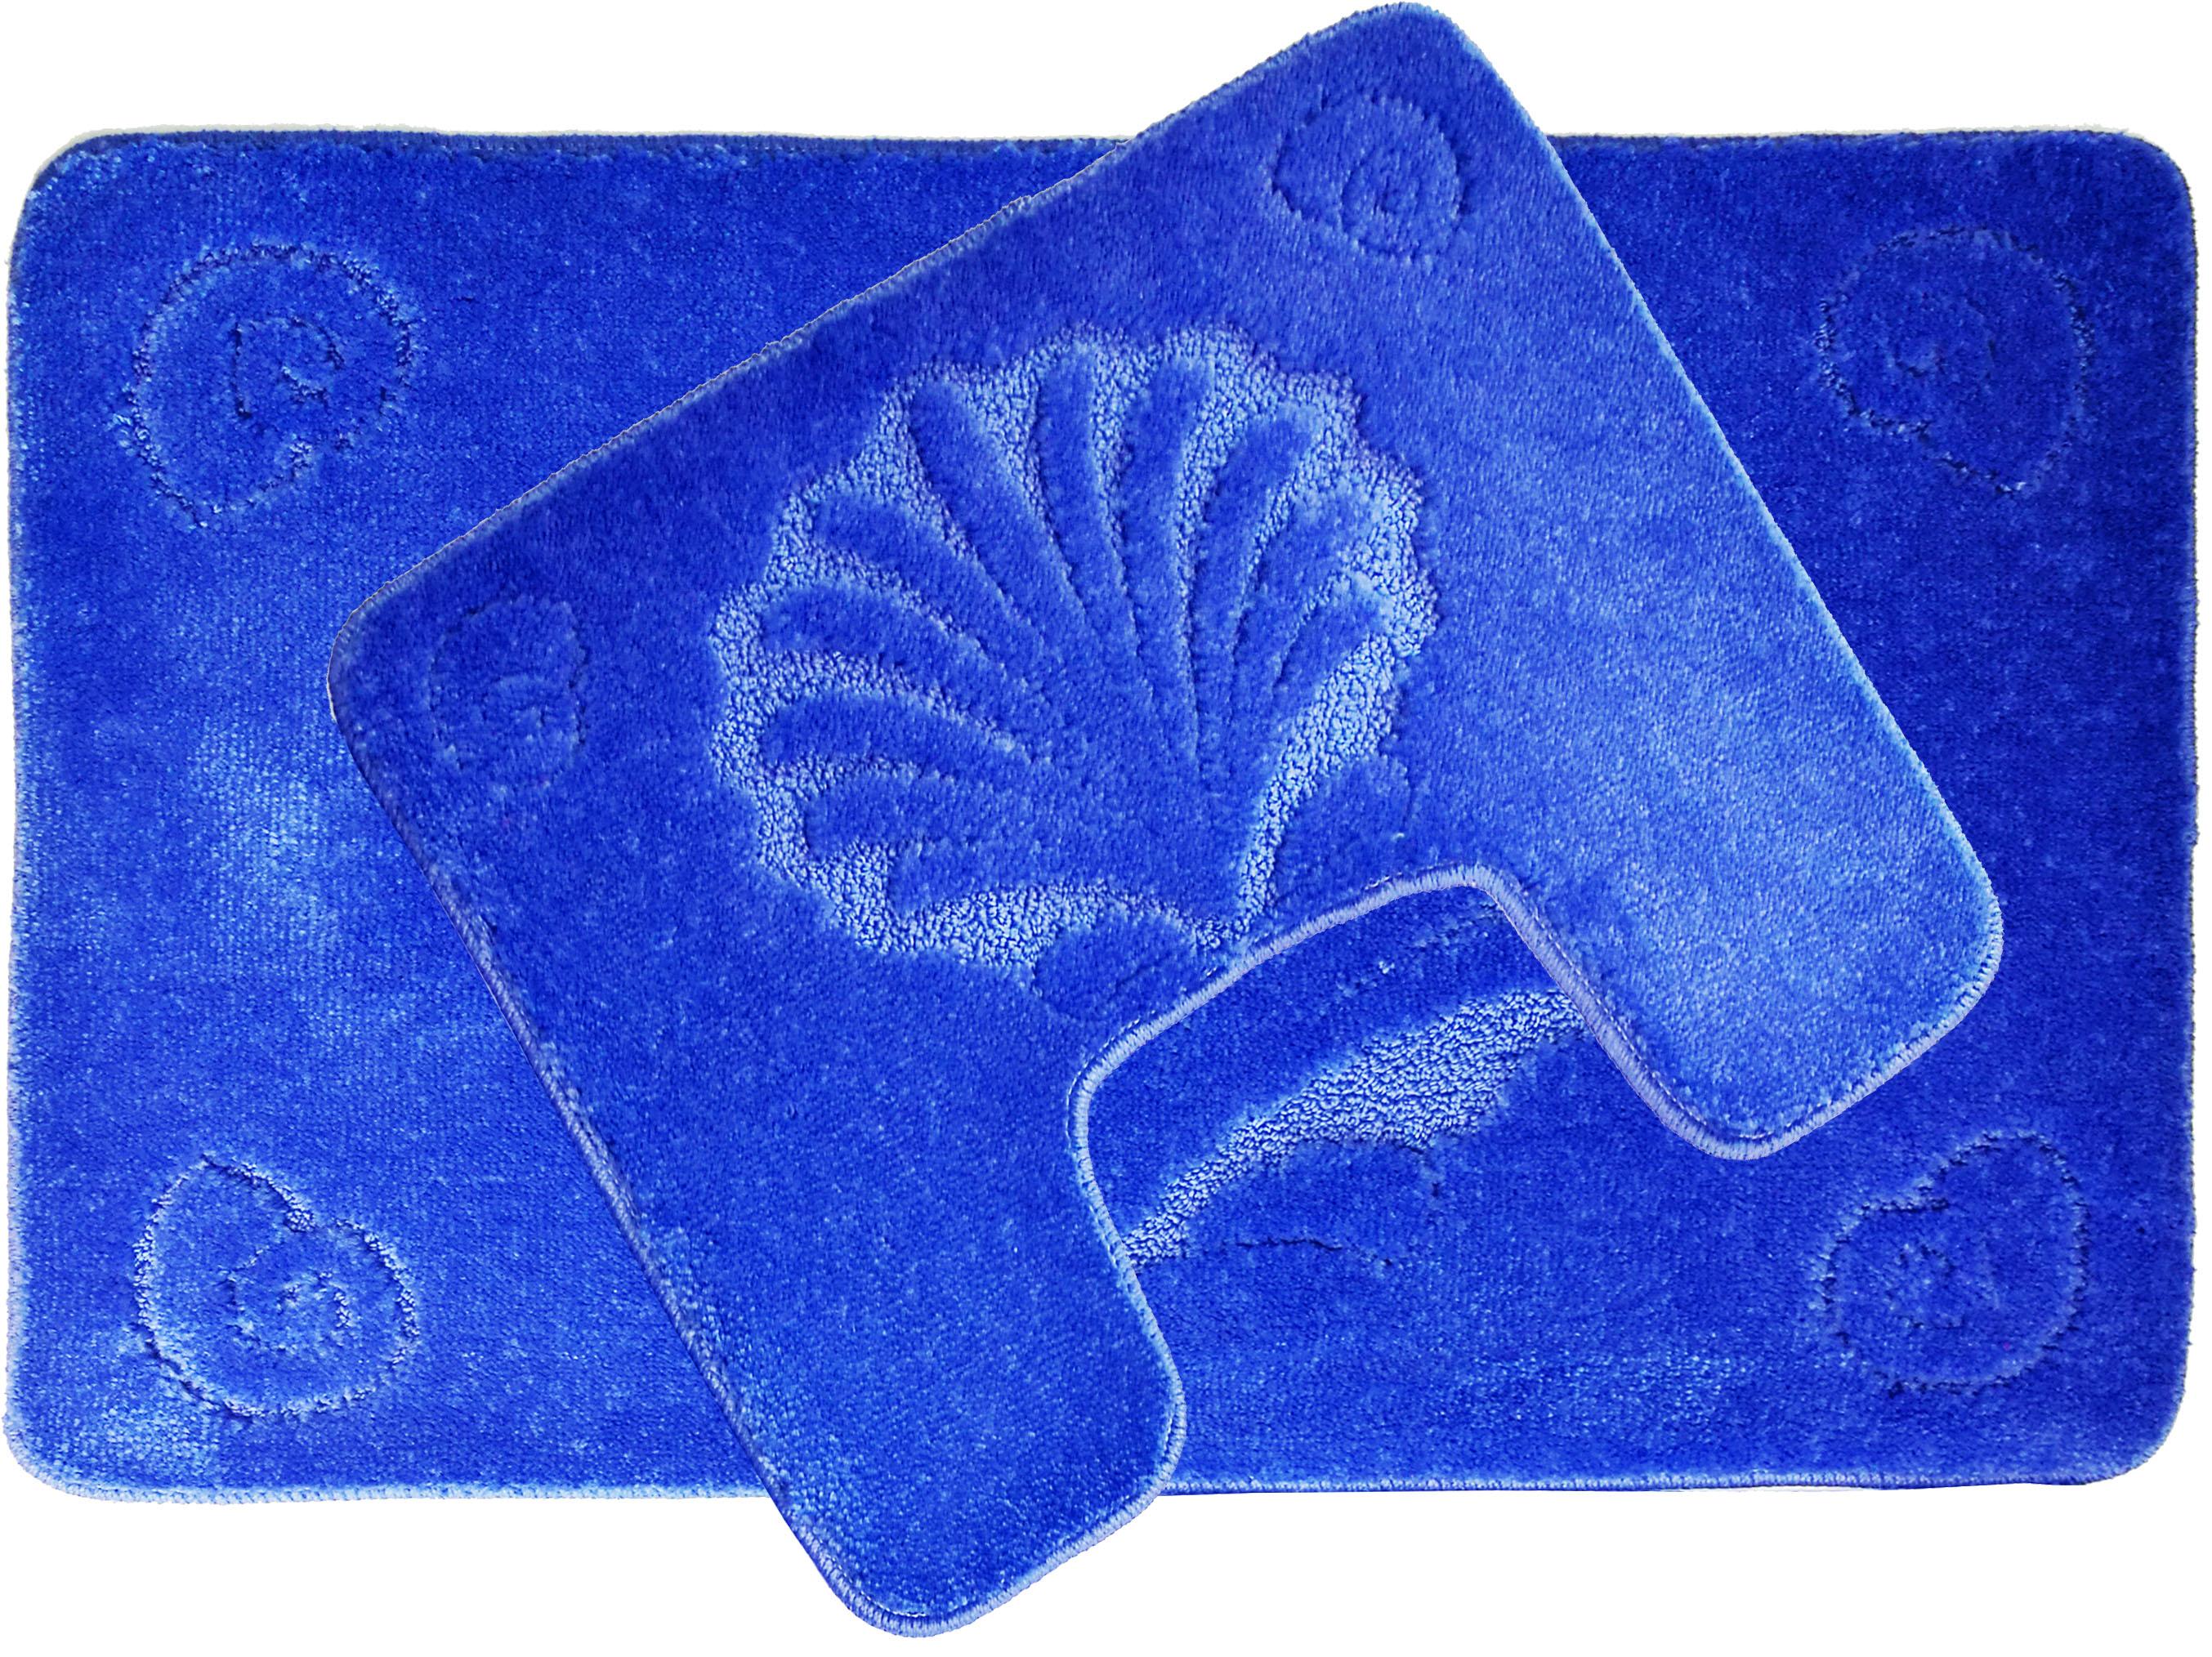 Коврики для ванной и туалета SunStep Коврик для ванной Ракушка Цвет: Голубой (60х90 см,50х60 см) коврик домашний sunstep цвет синий 140 х 200 х 4 см